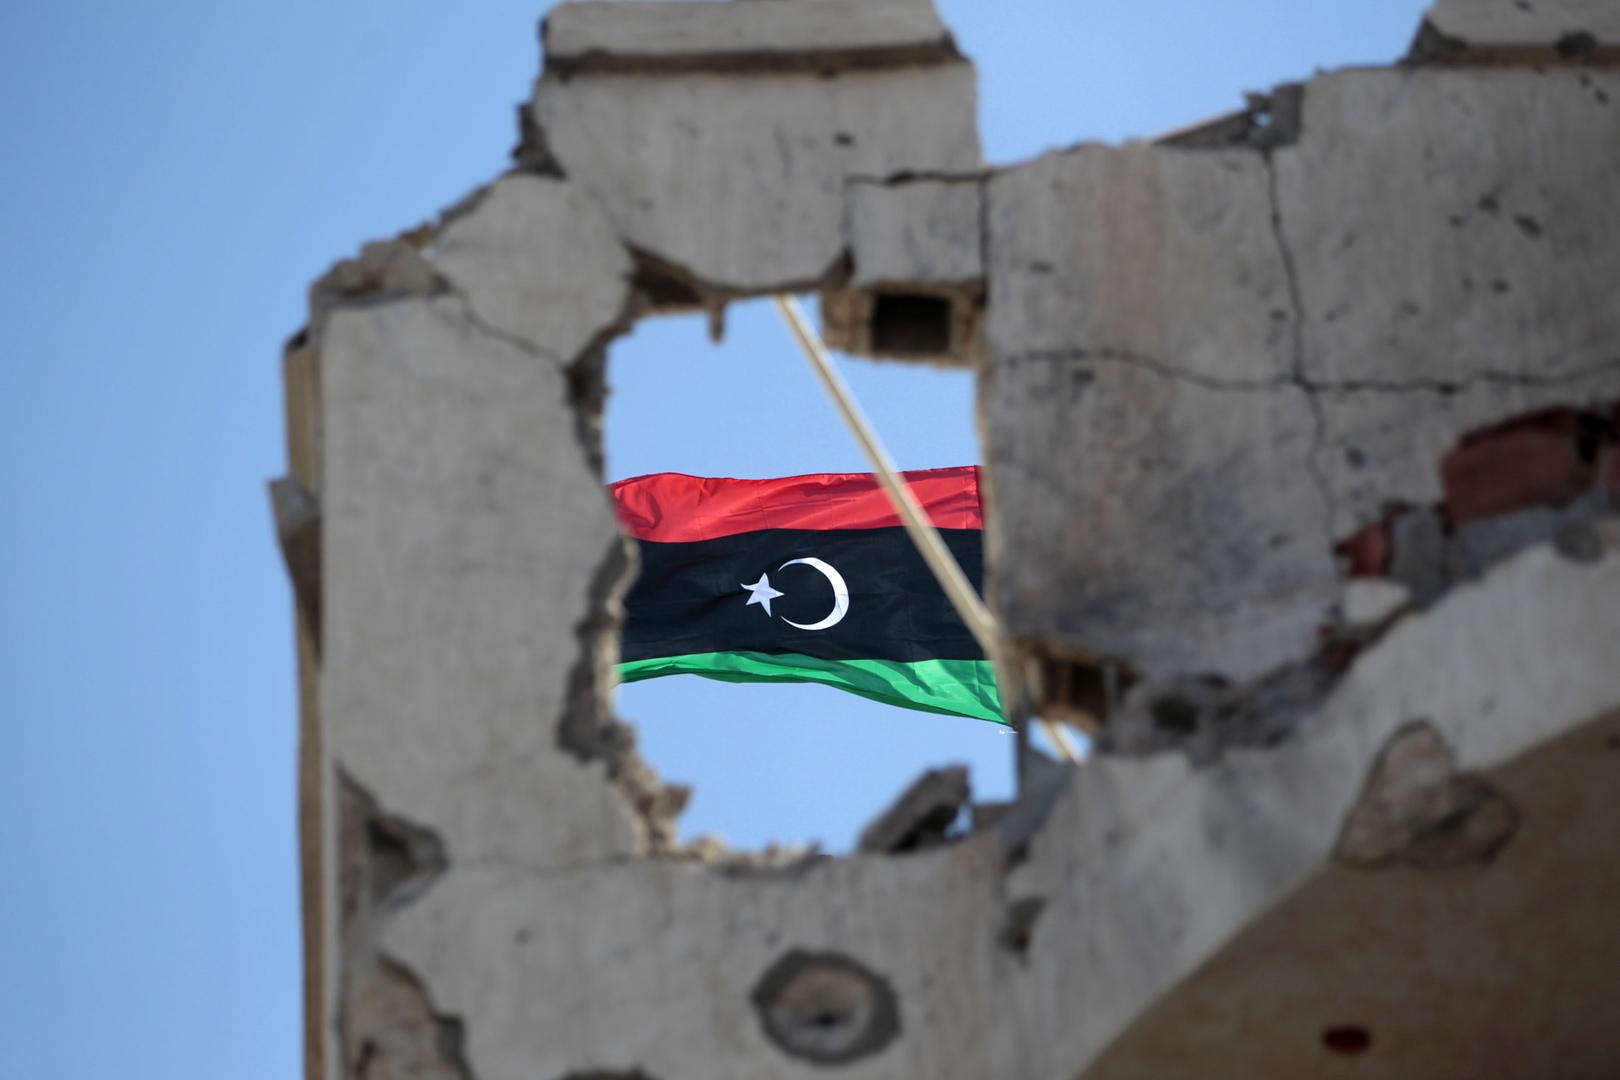 مسؤول ليبي سابق يكشف عن رد الزعيم الراحل معمر القذافي على طلب شركات أجنبية بيع الخمر في ليبيا